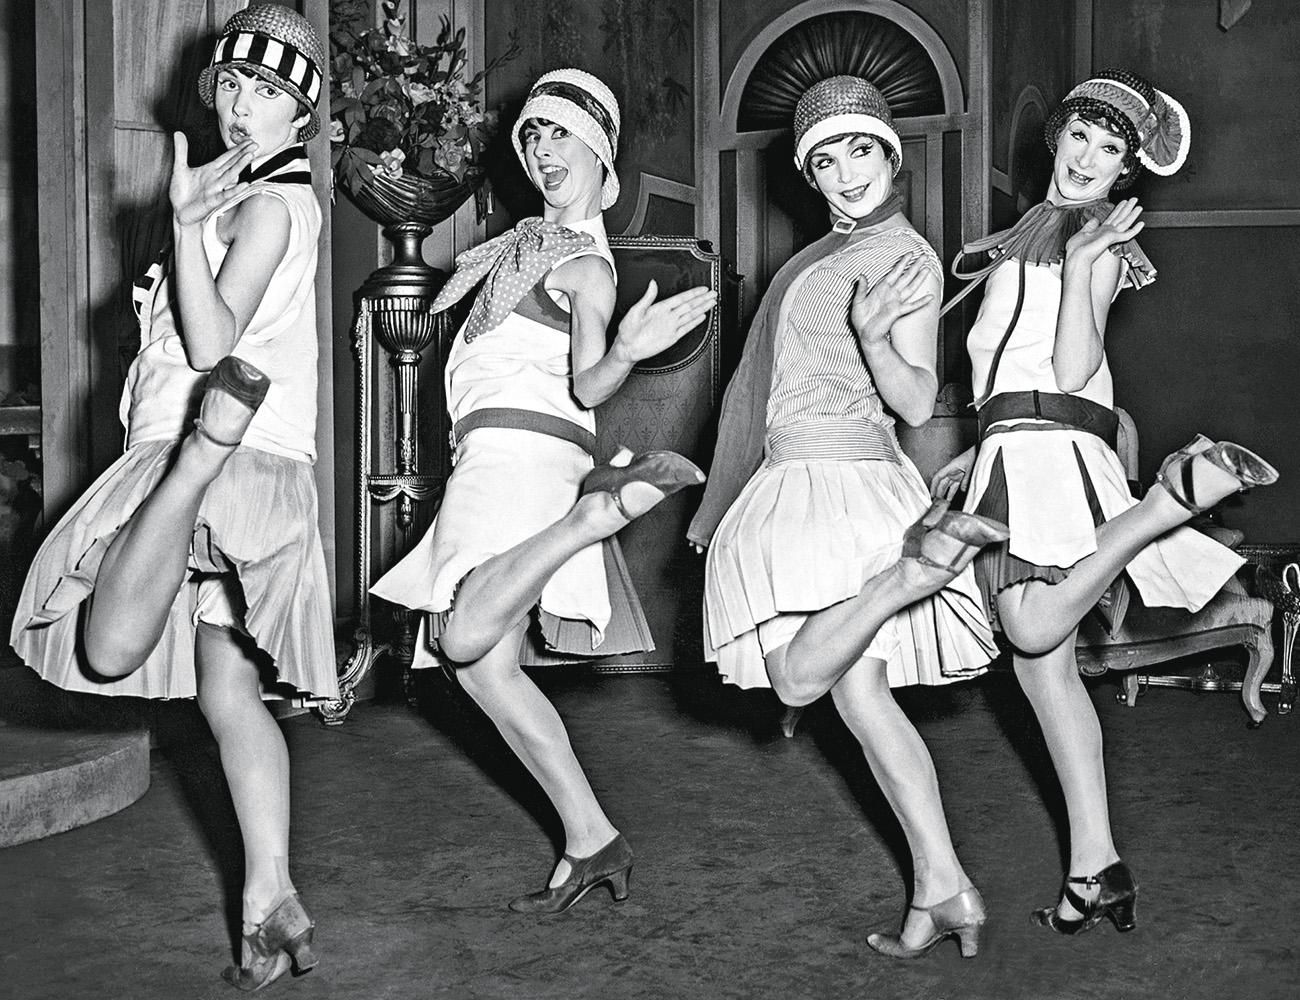 EUFORIA -Dançarinas nos anos 1920: prosperidade depois do flagelo da gripe espanhola -